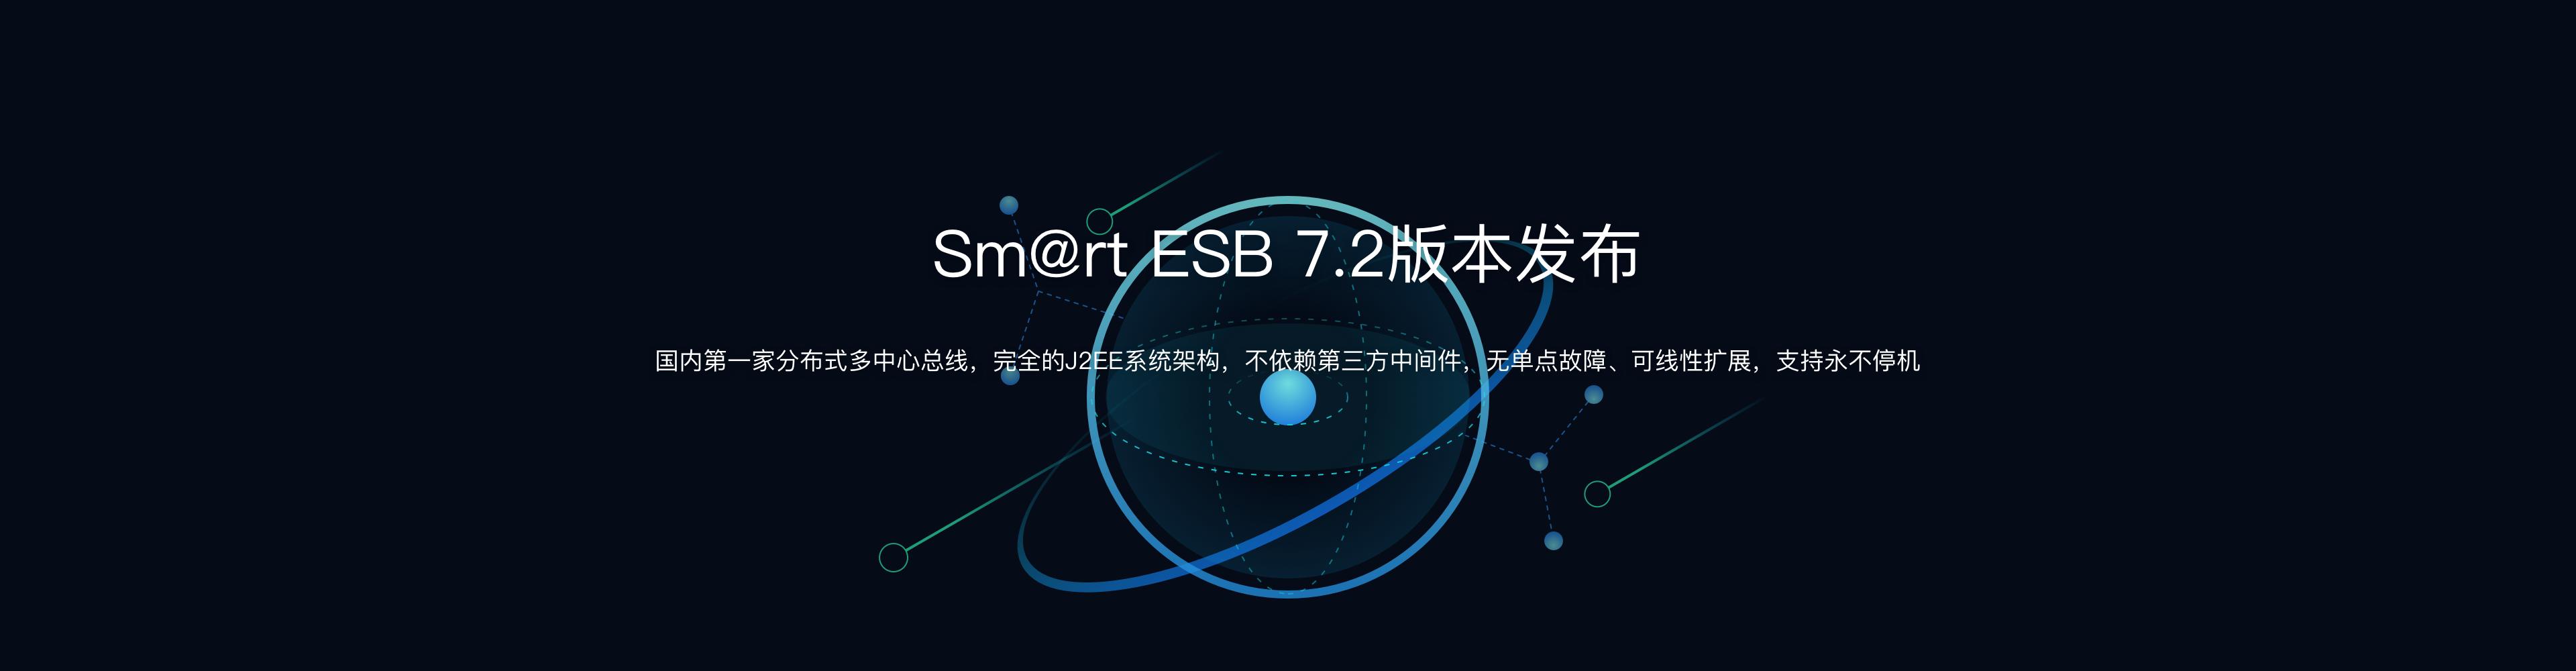 S++新一代SOA